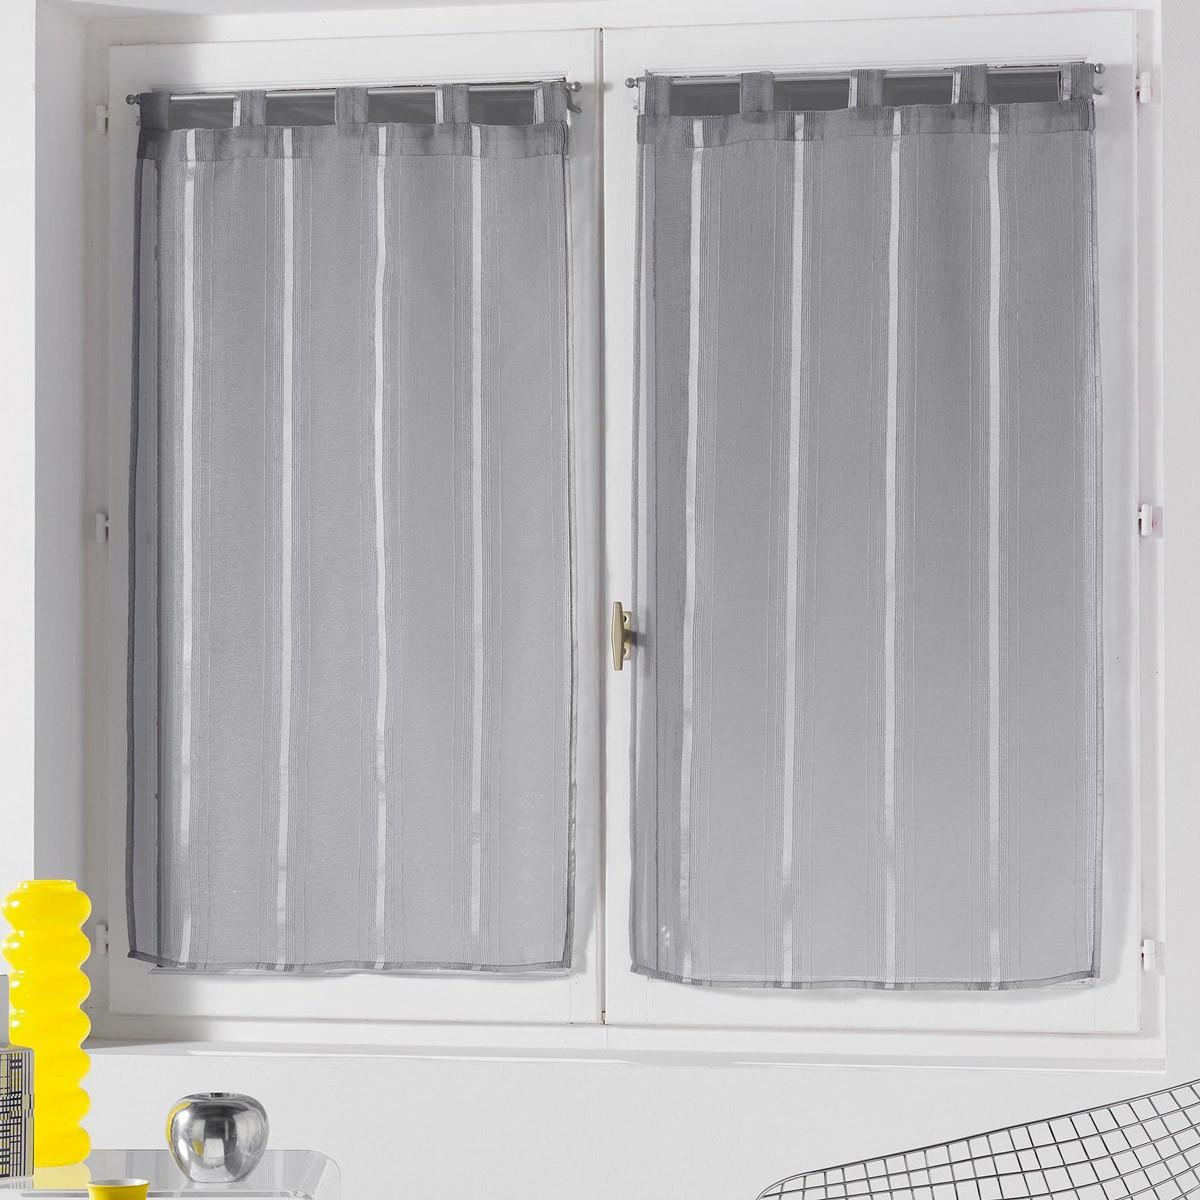 Σετ Κουρτίνες Παραθύρου (60x90) Louane Gris 1624060 home   κουζίνα   τραπεζαρία   κουρτίνες κουζίνας